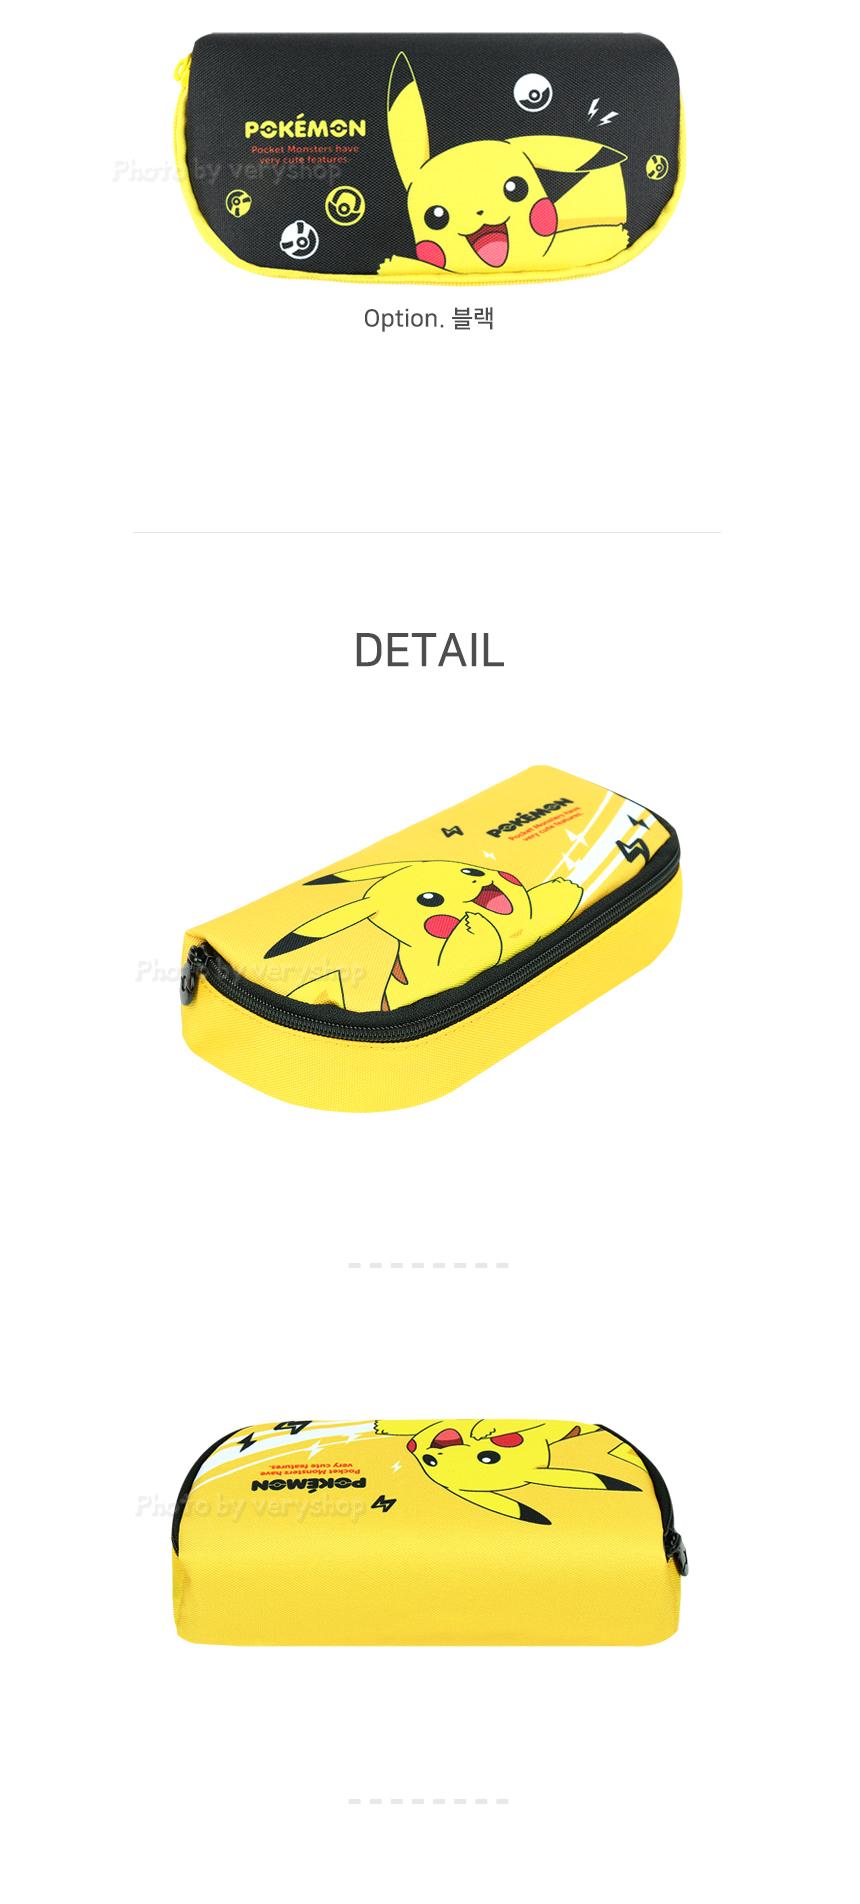 포켓몬스터 반달 펜슬 파우치 필통 - 베리샵, 8,000원, 가죽/합성피혁필통, 캐릭터